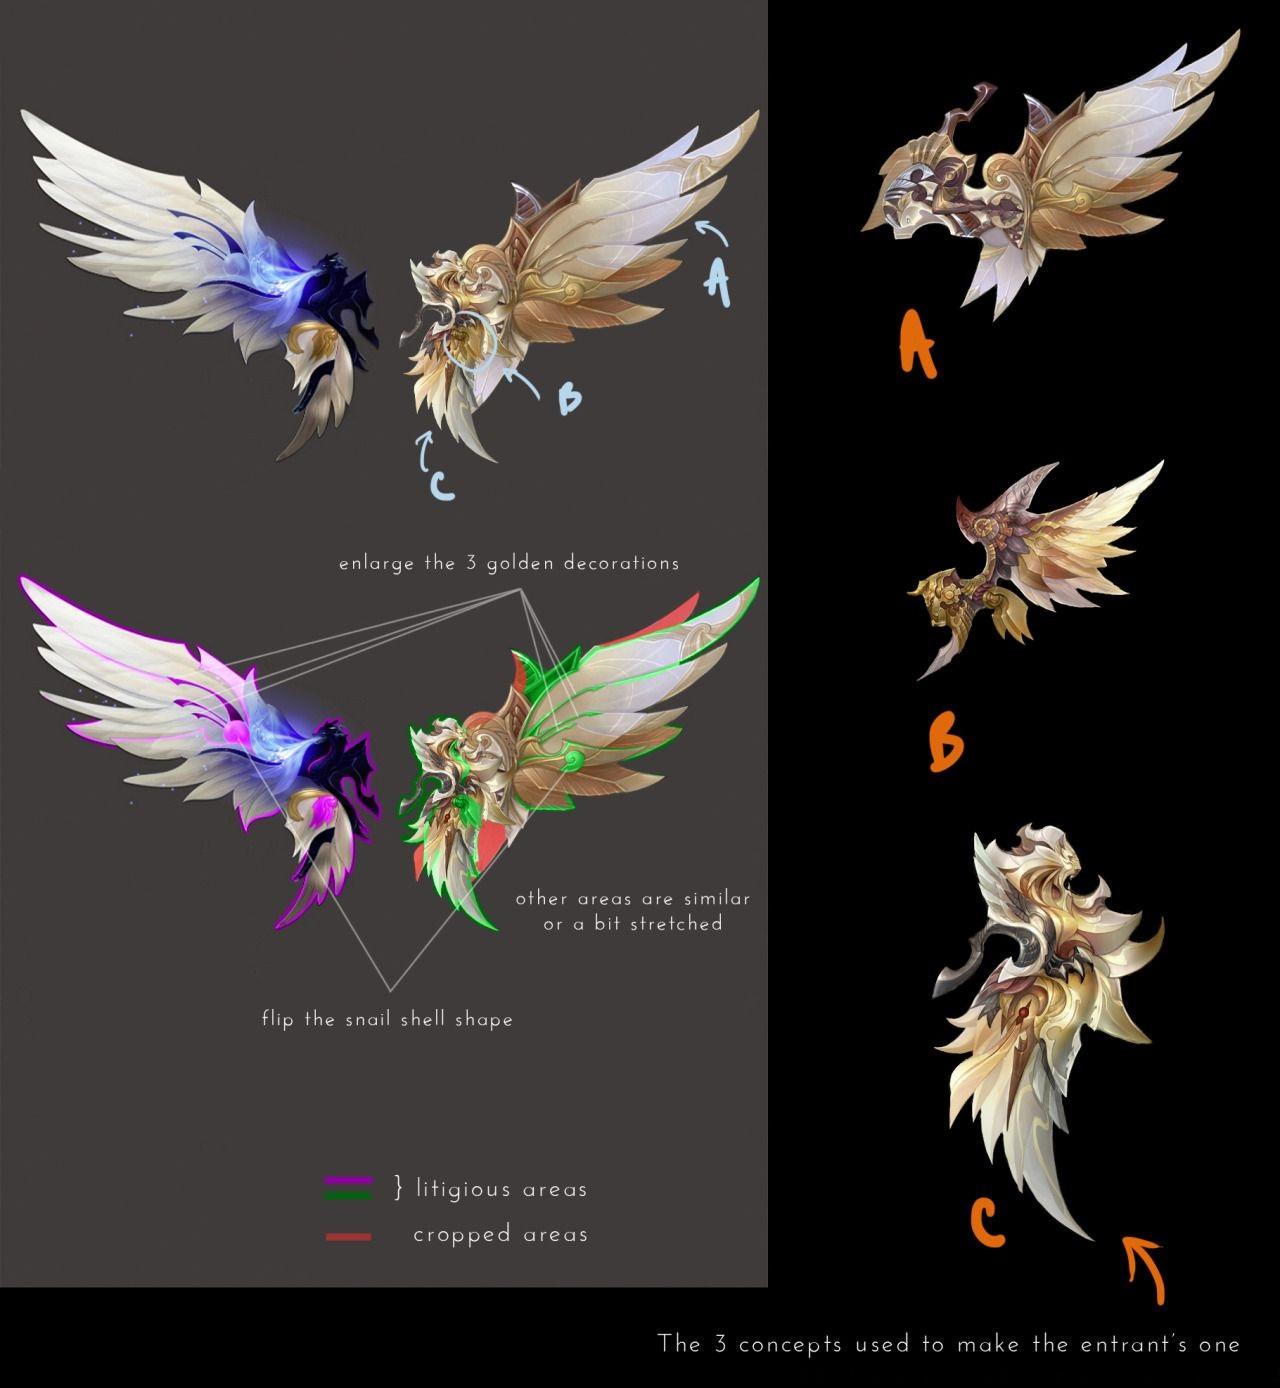 外服翅膀设计大赛作品展示 双色主基调